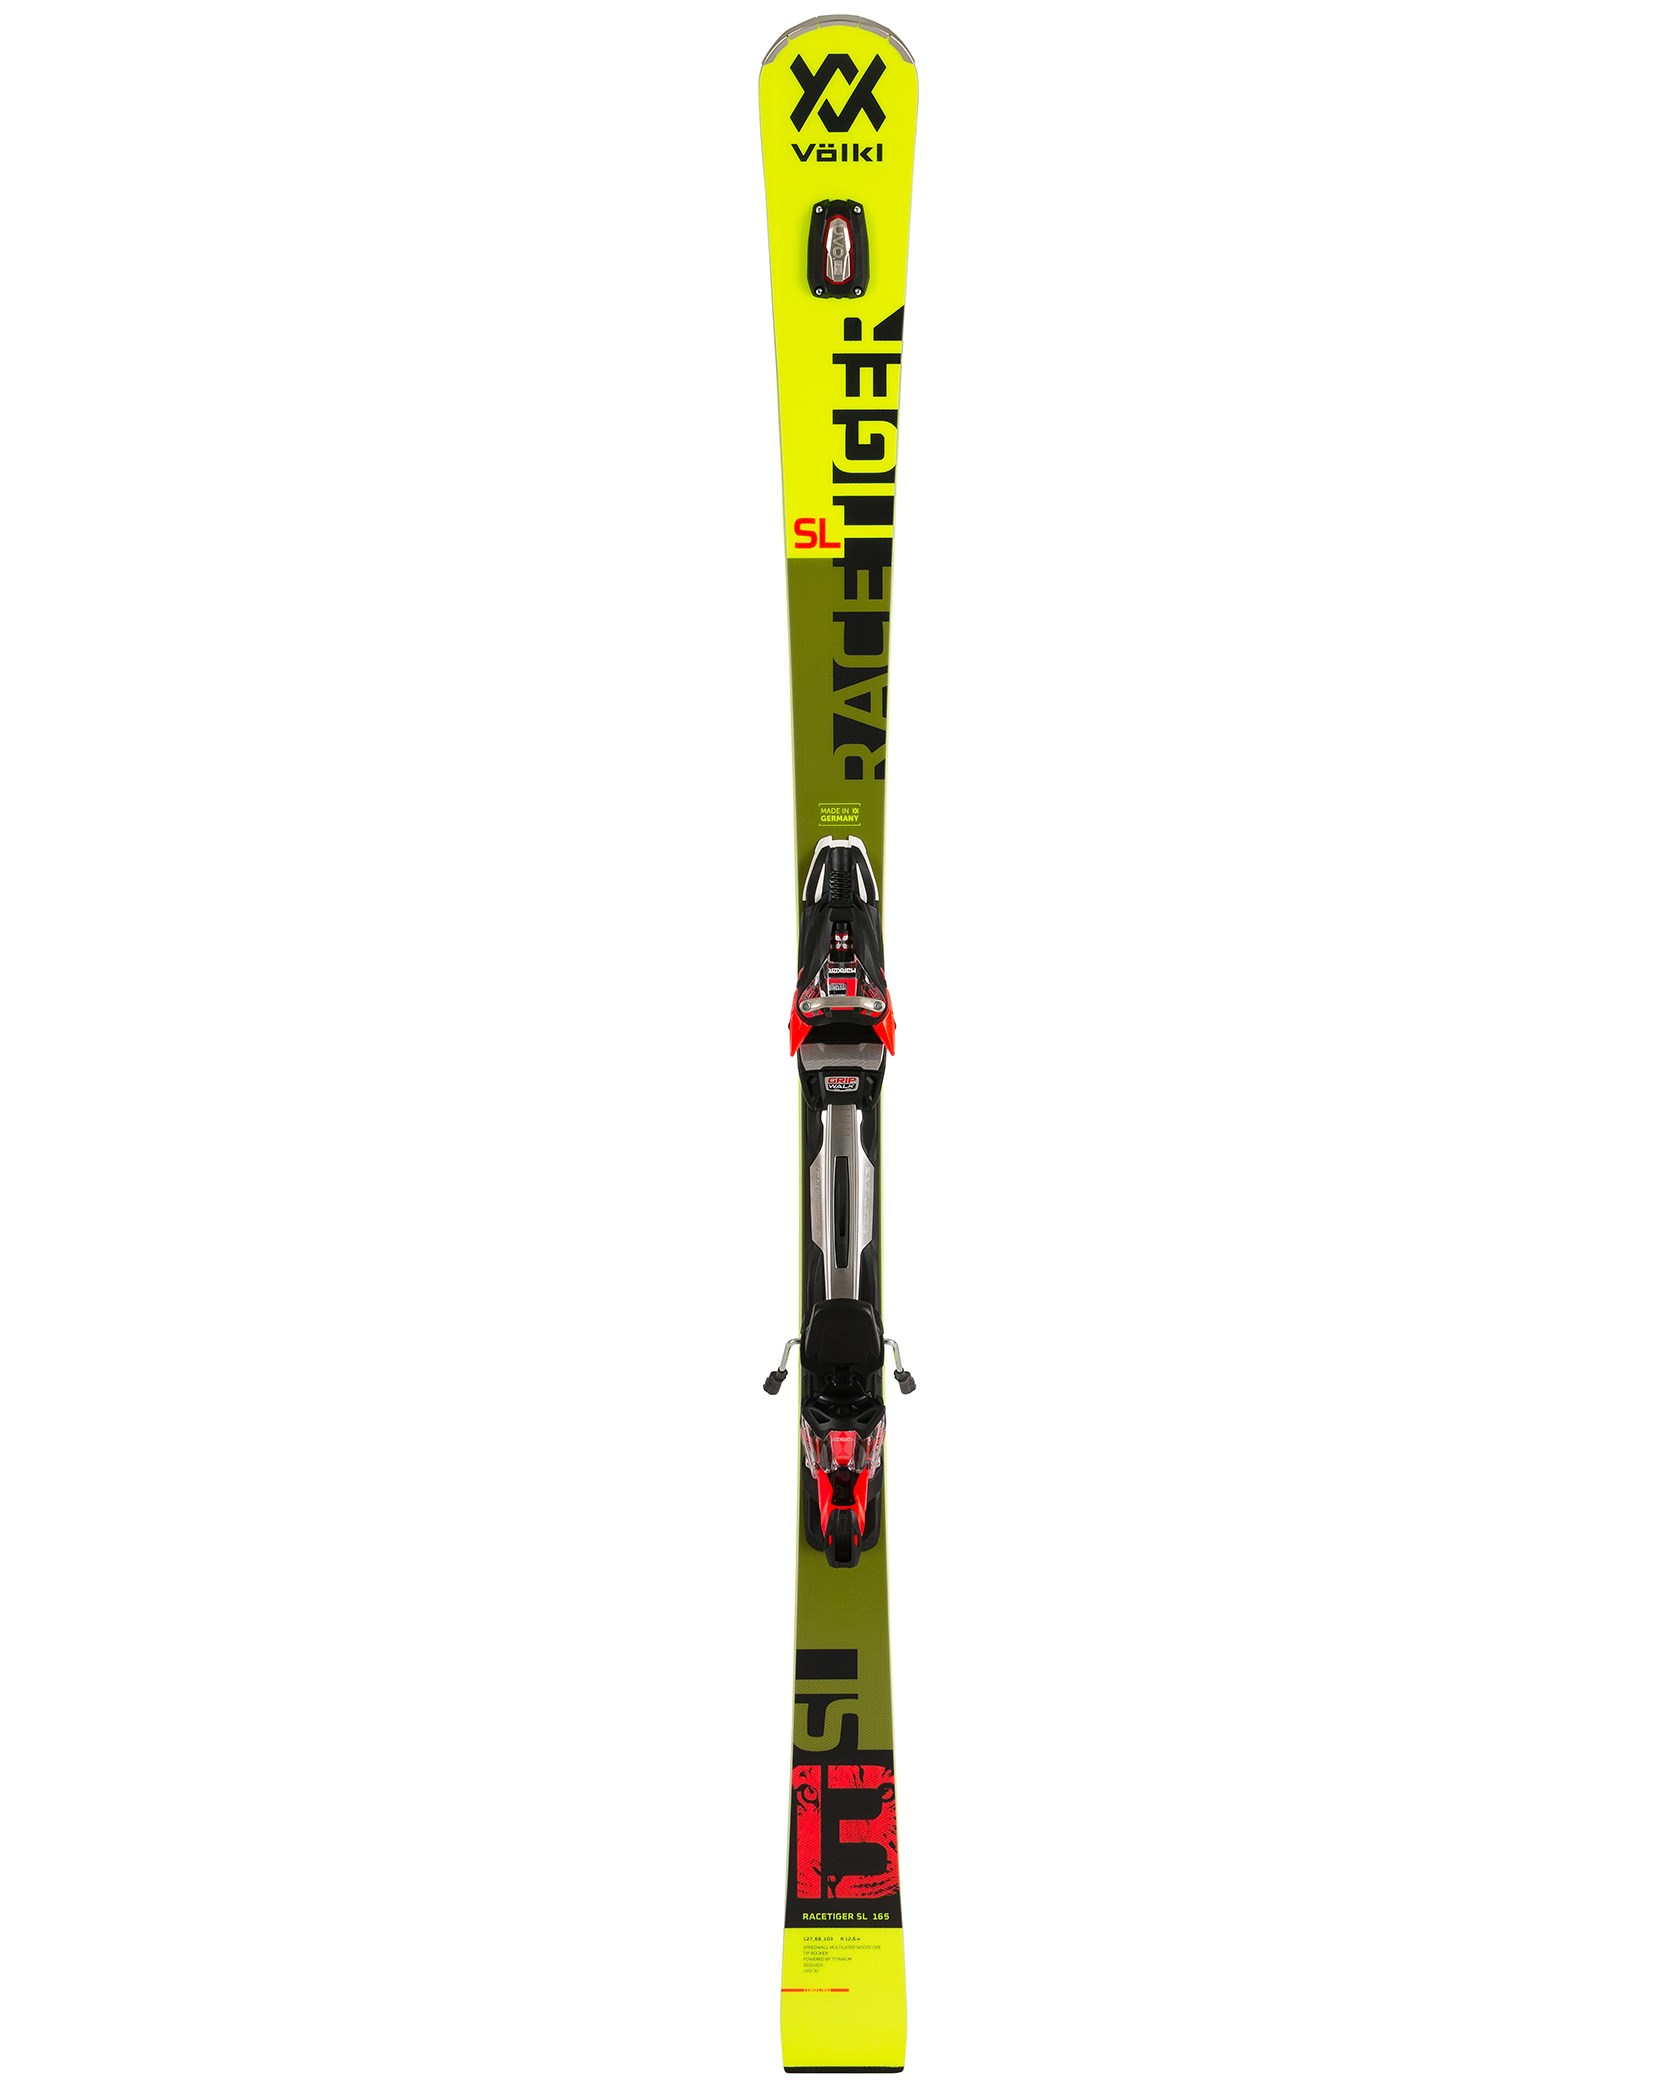 Völkl Racetiger SL 19//20 OnPiste Performance Race Slalom Carver Alpin Skiset NEU